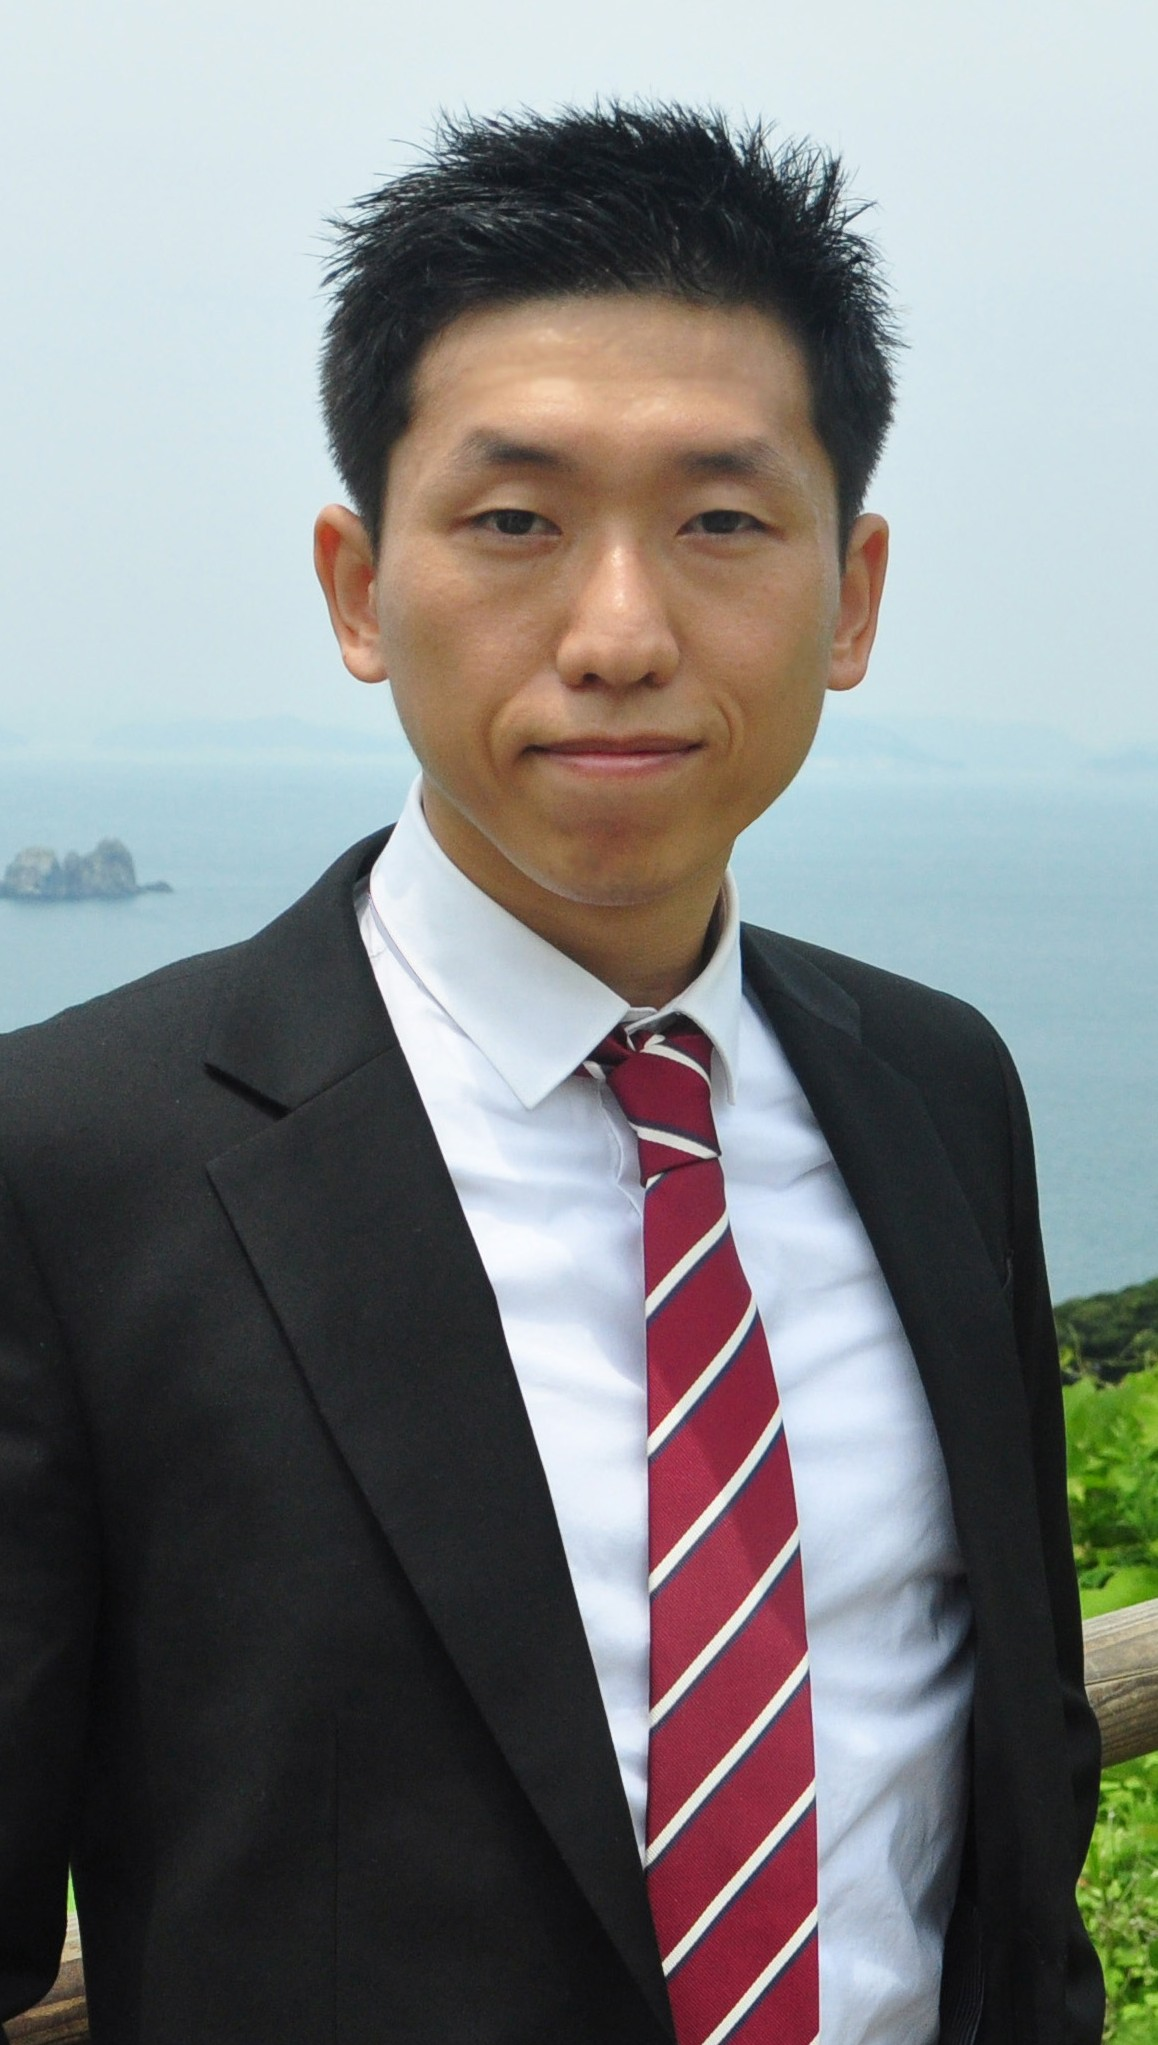 Hyunjun Choe